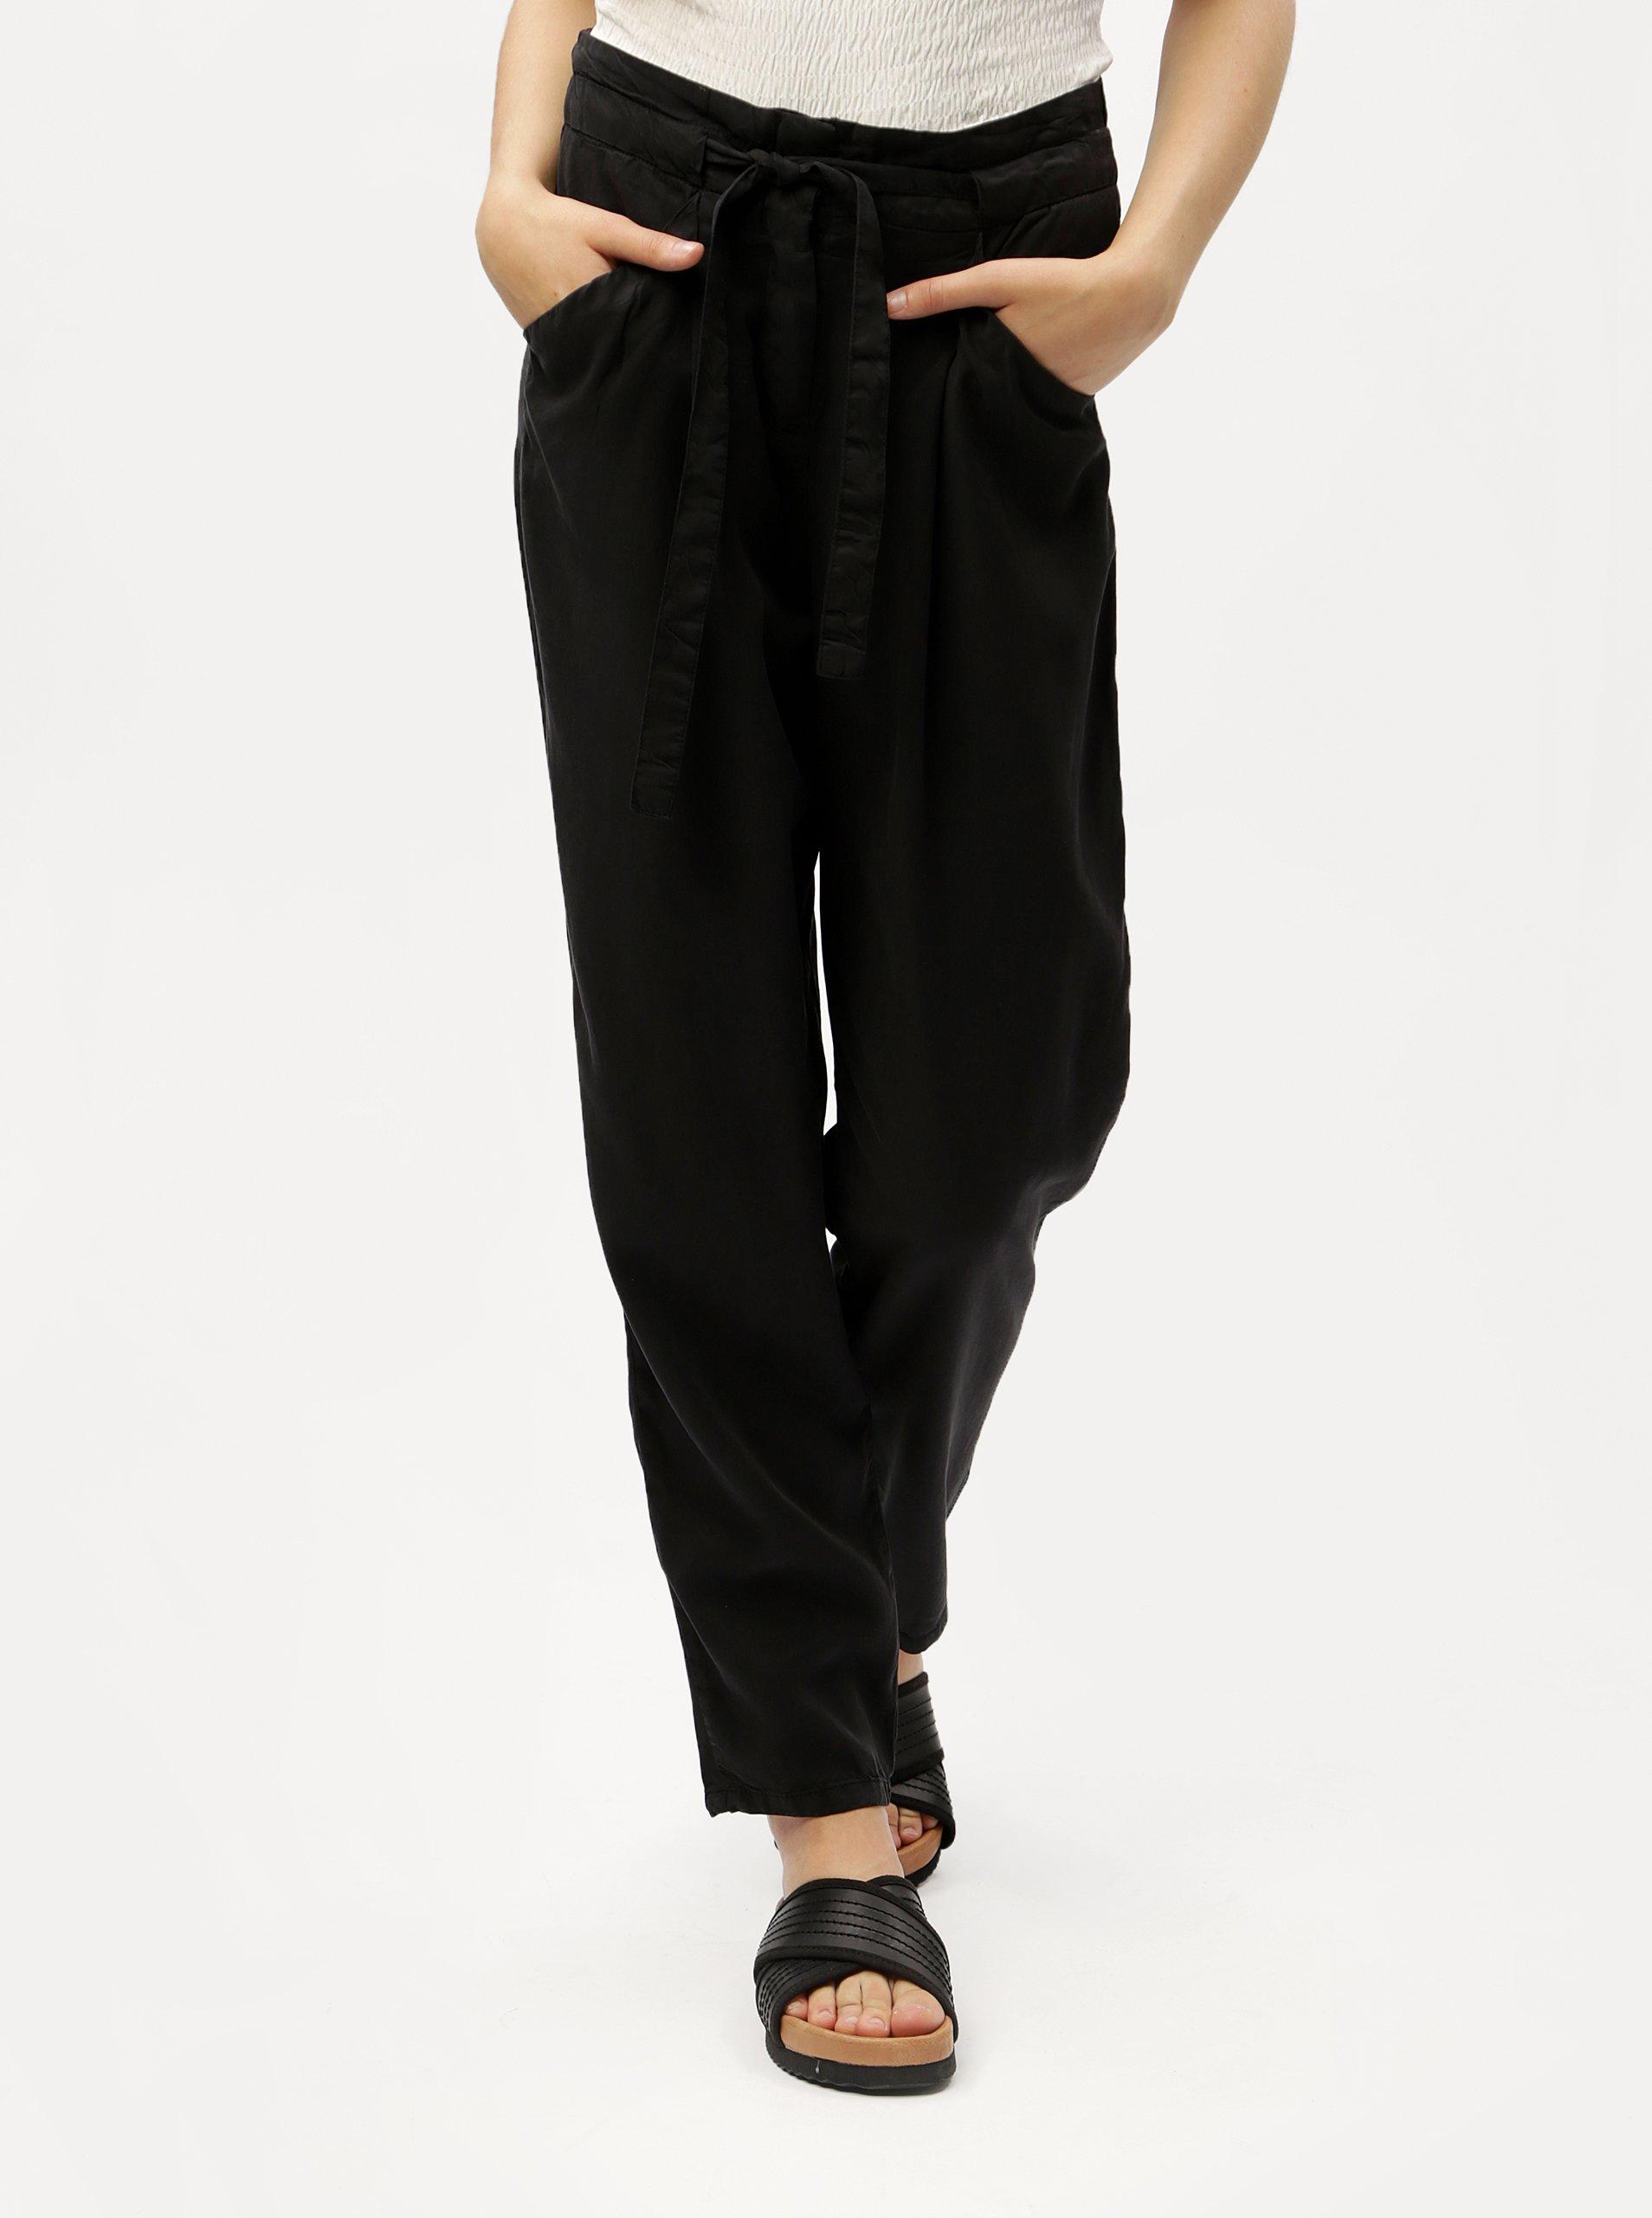 Černé volné kalhoty se zavazováním VERO MODA Breeze 28a1033d0c